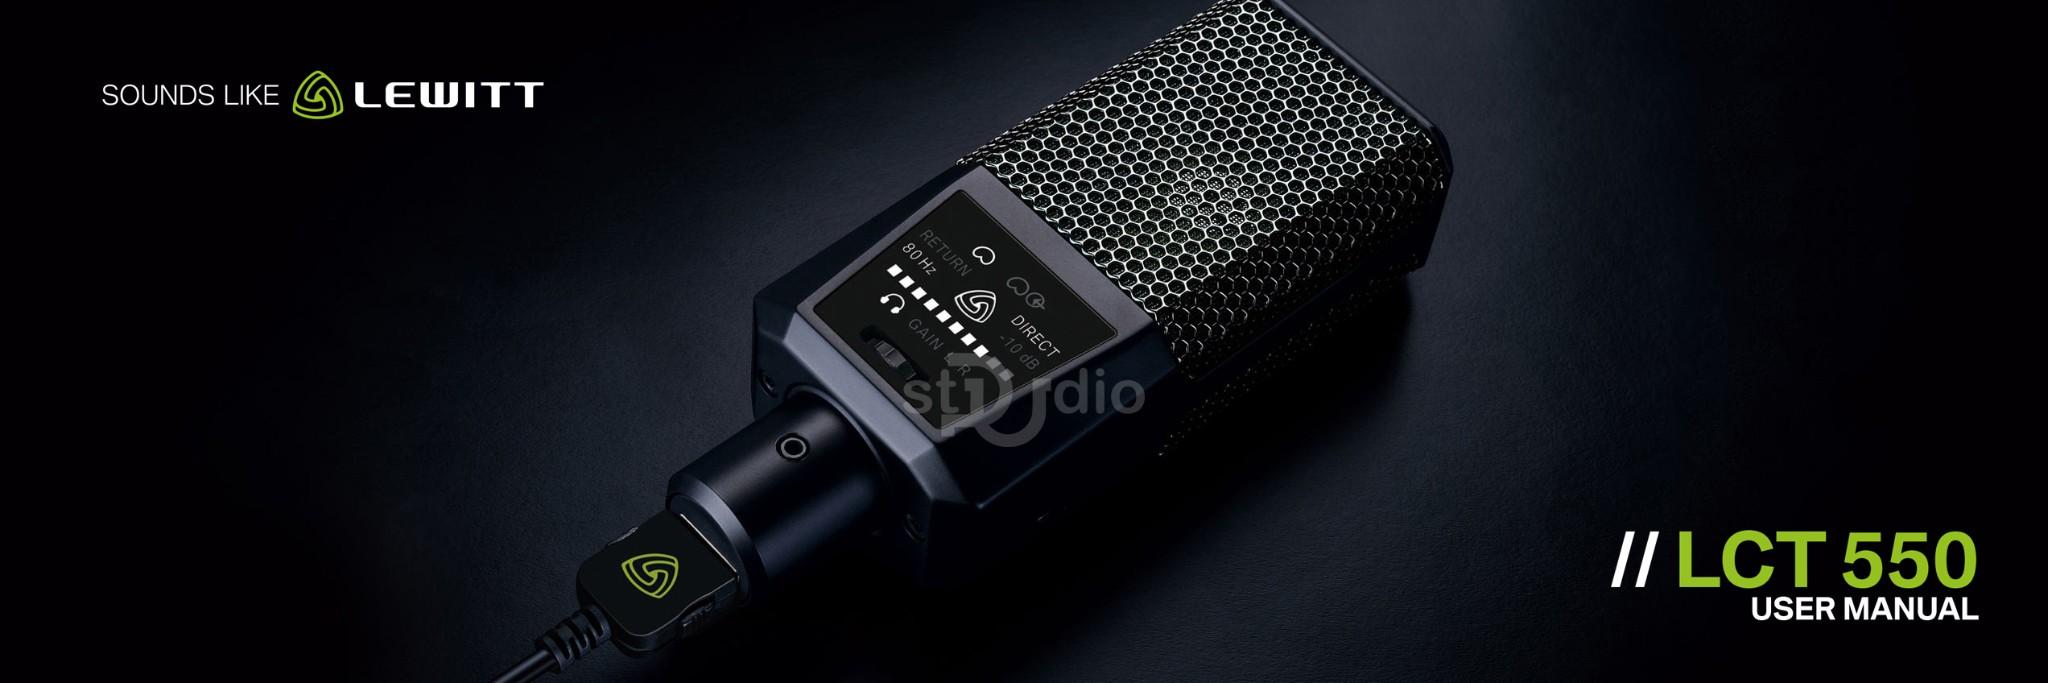 Microphone thu âm LEWITT LCT 550, Mic thu âm cao cấp